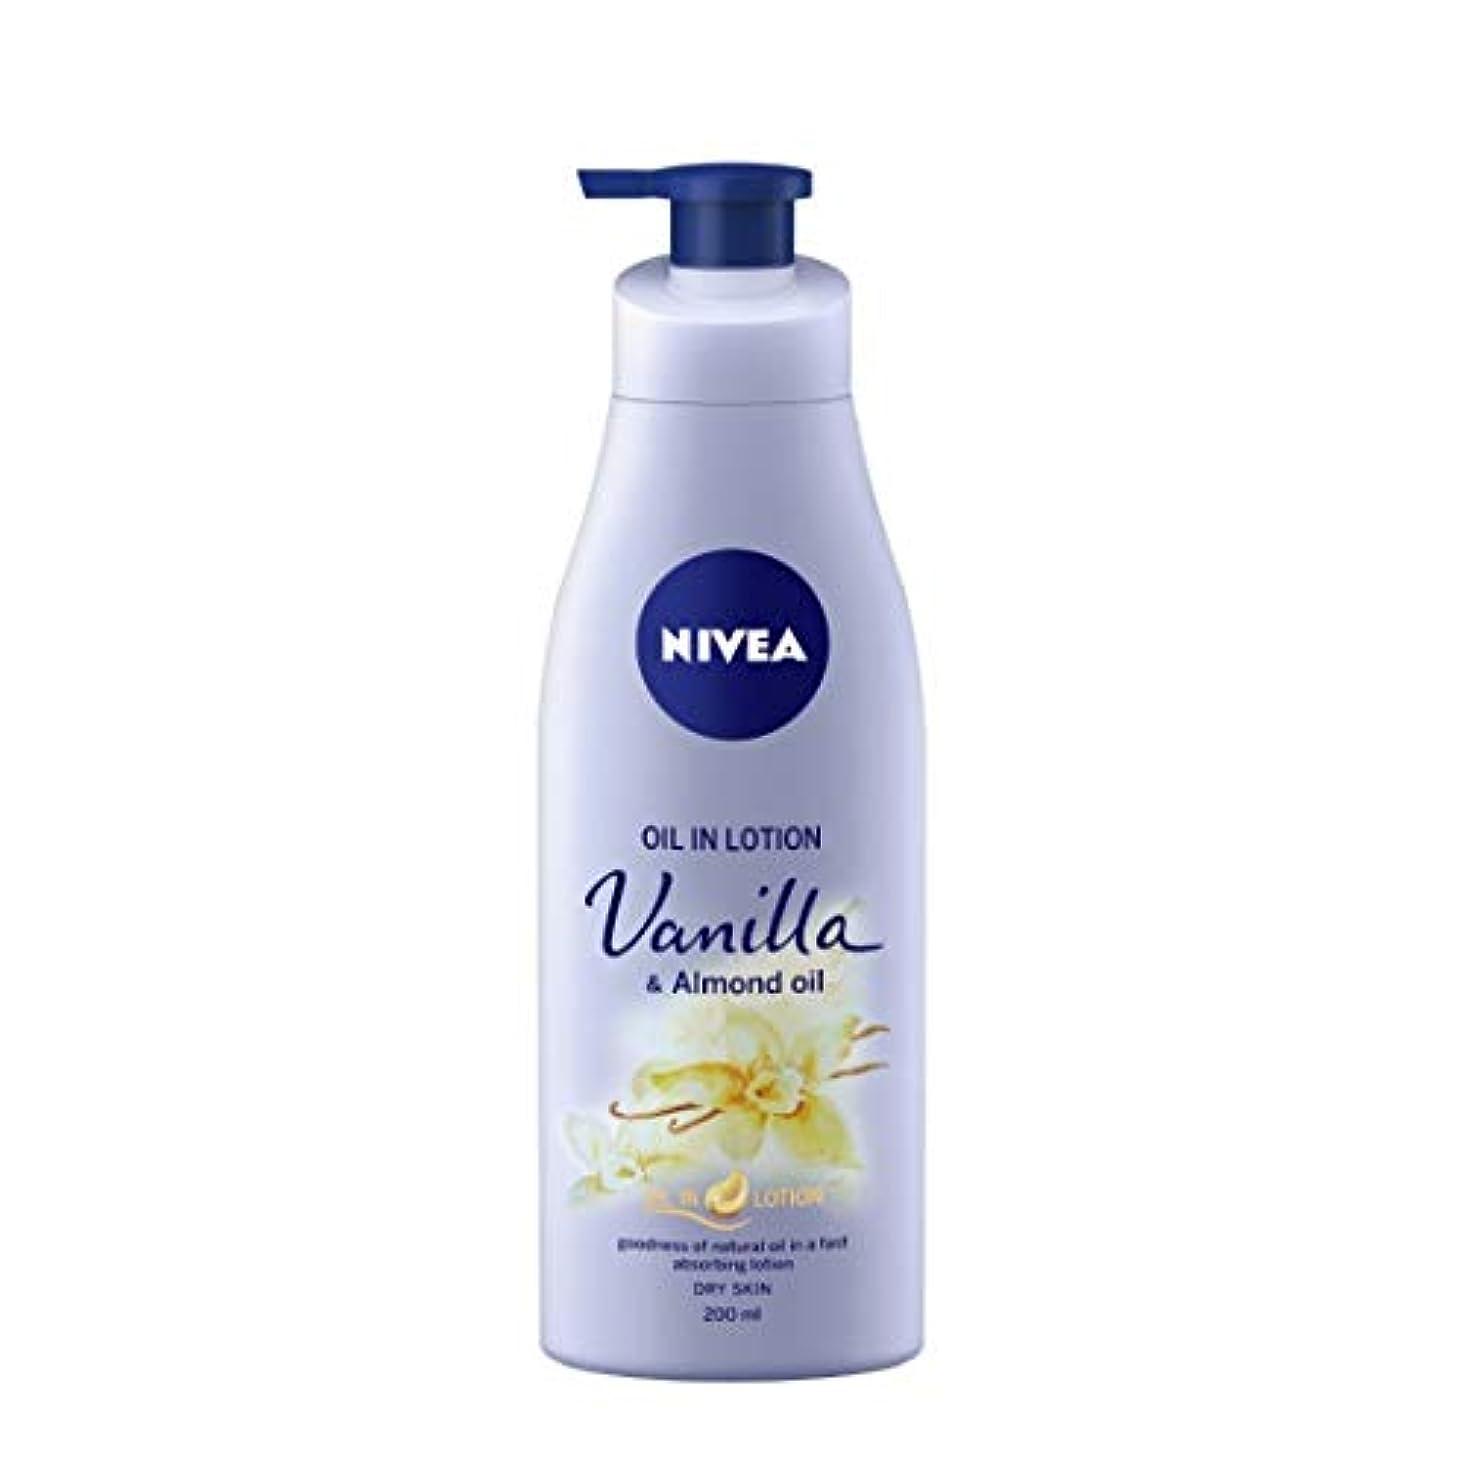 NIVEA Oil in Lotion, Vanilla and Almond Oil, 200ml